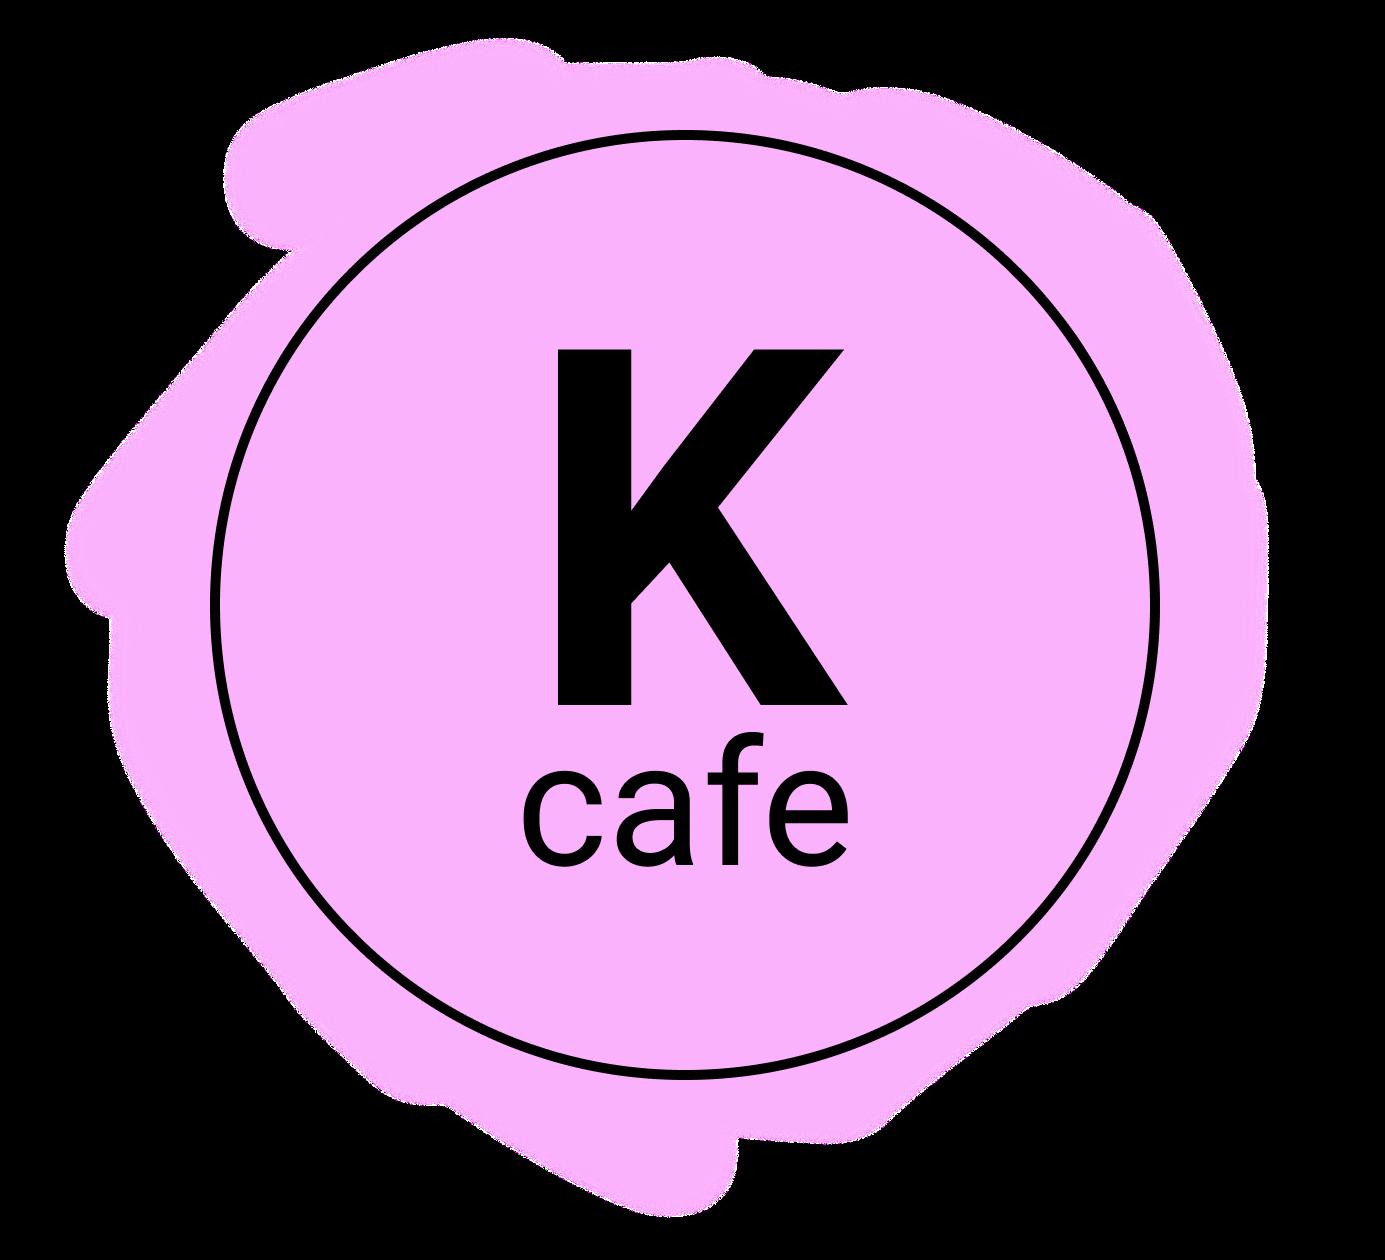 keto cafe